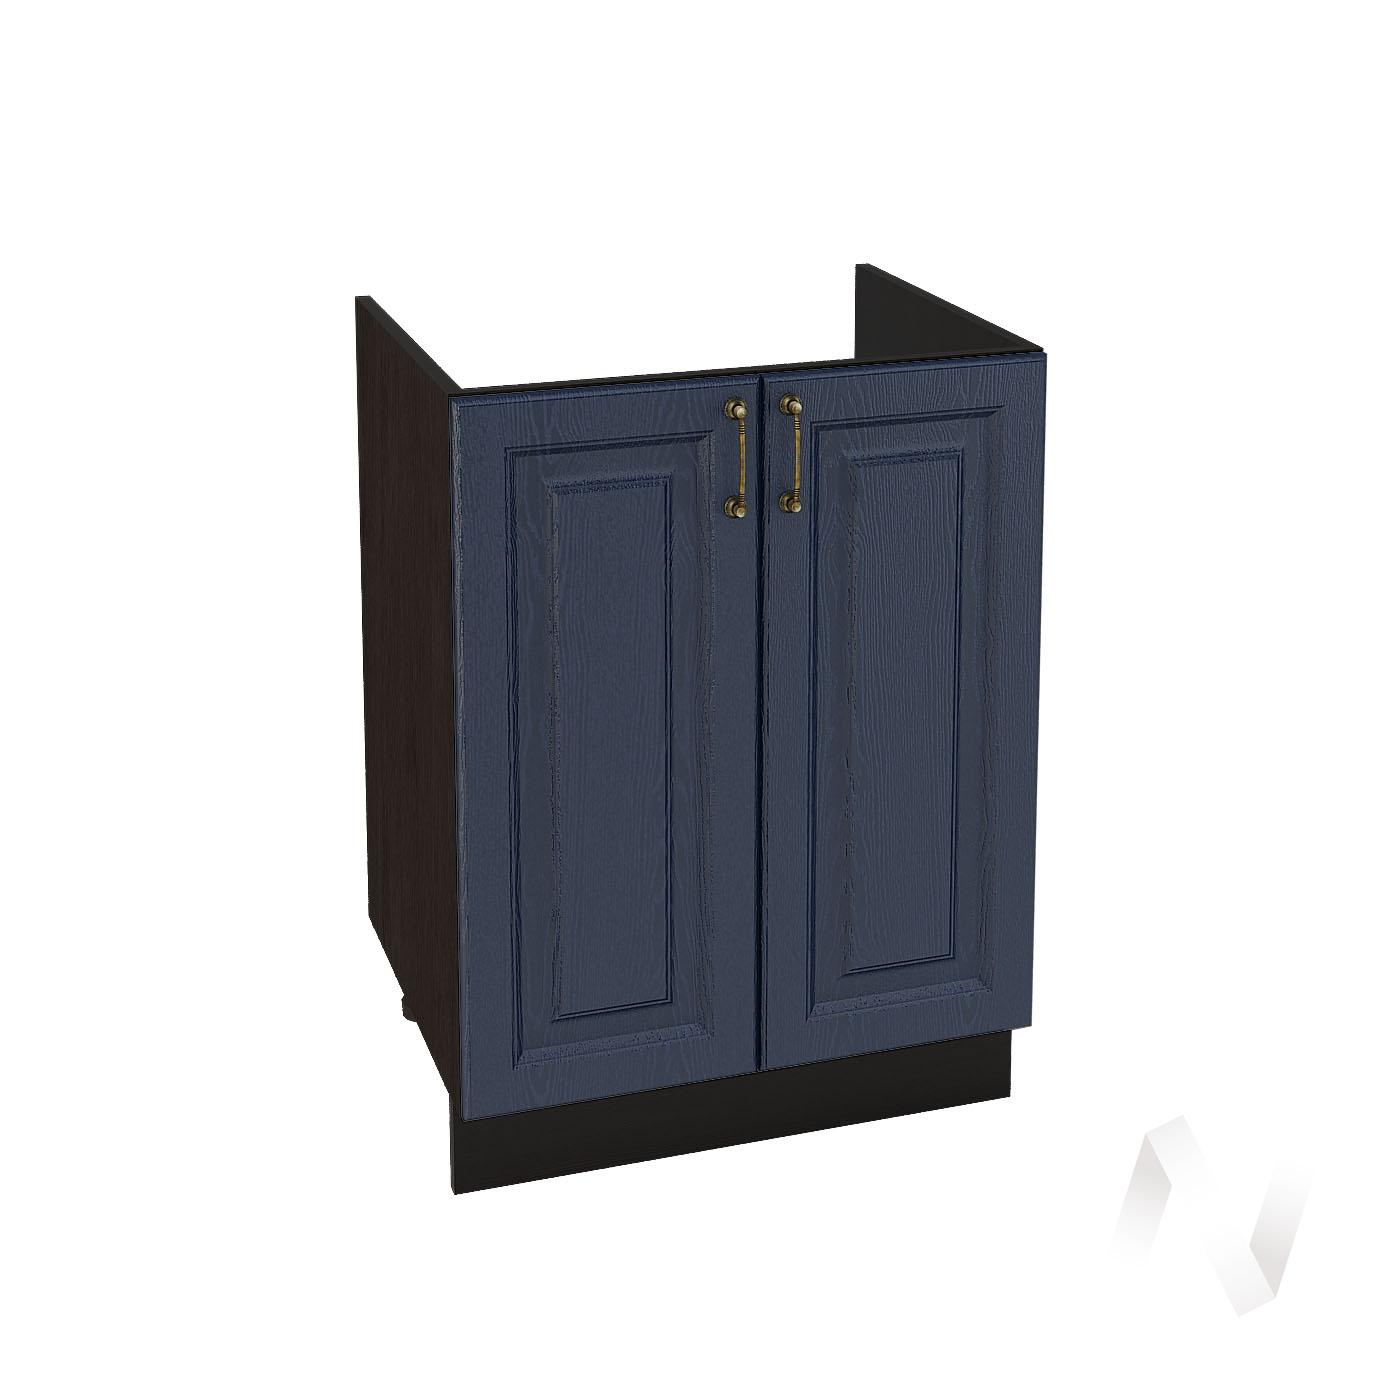 """Кухня """"Ницца"""": Шкаф нижний под мойку 600, ШНМ 600 (Дуб чернильный/корпус венге)"""